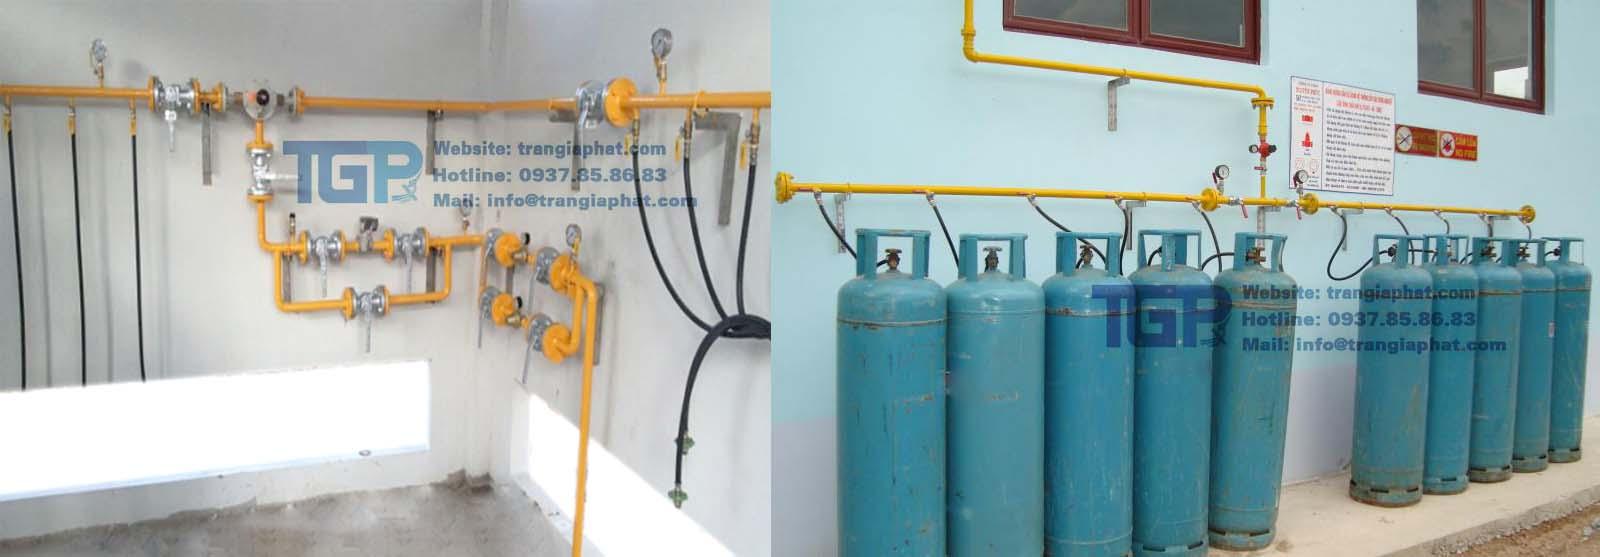 Hệ thống gas công nghiệp cho nhà hàng khách sạn